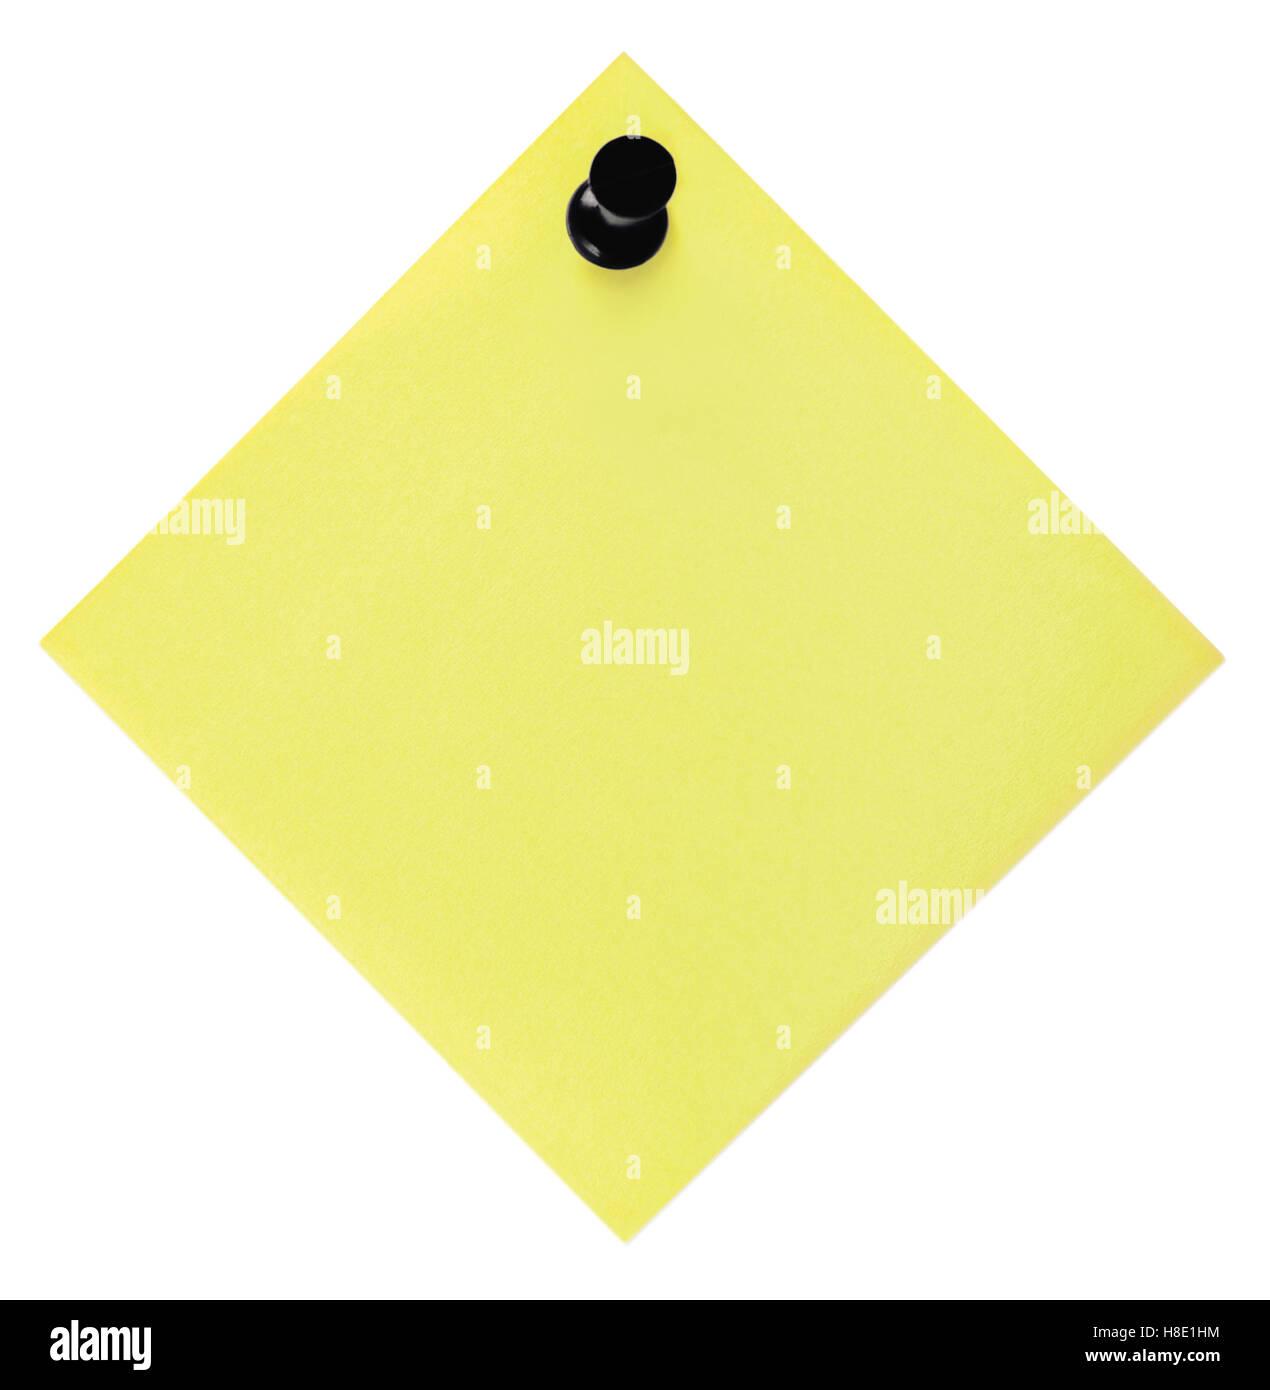 Giallo Vuota elenco di cose da fare e la puntina nera puntina, isolato nota adesiva post-it adesivo stile spazio Immagini Stock